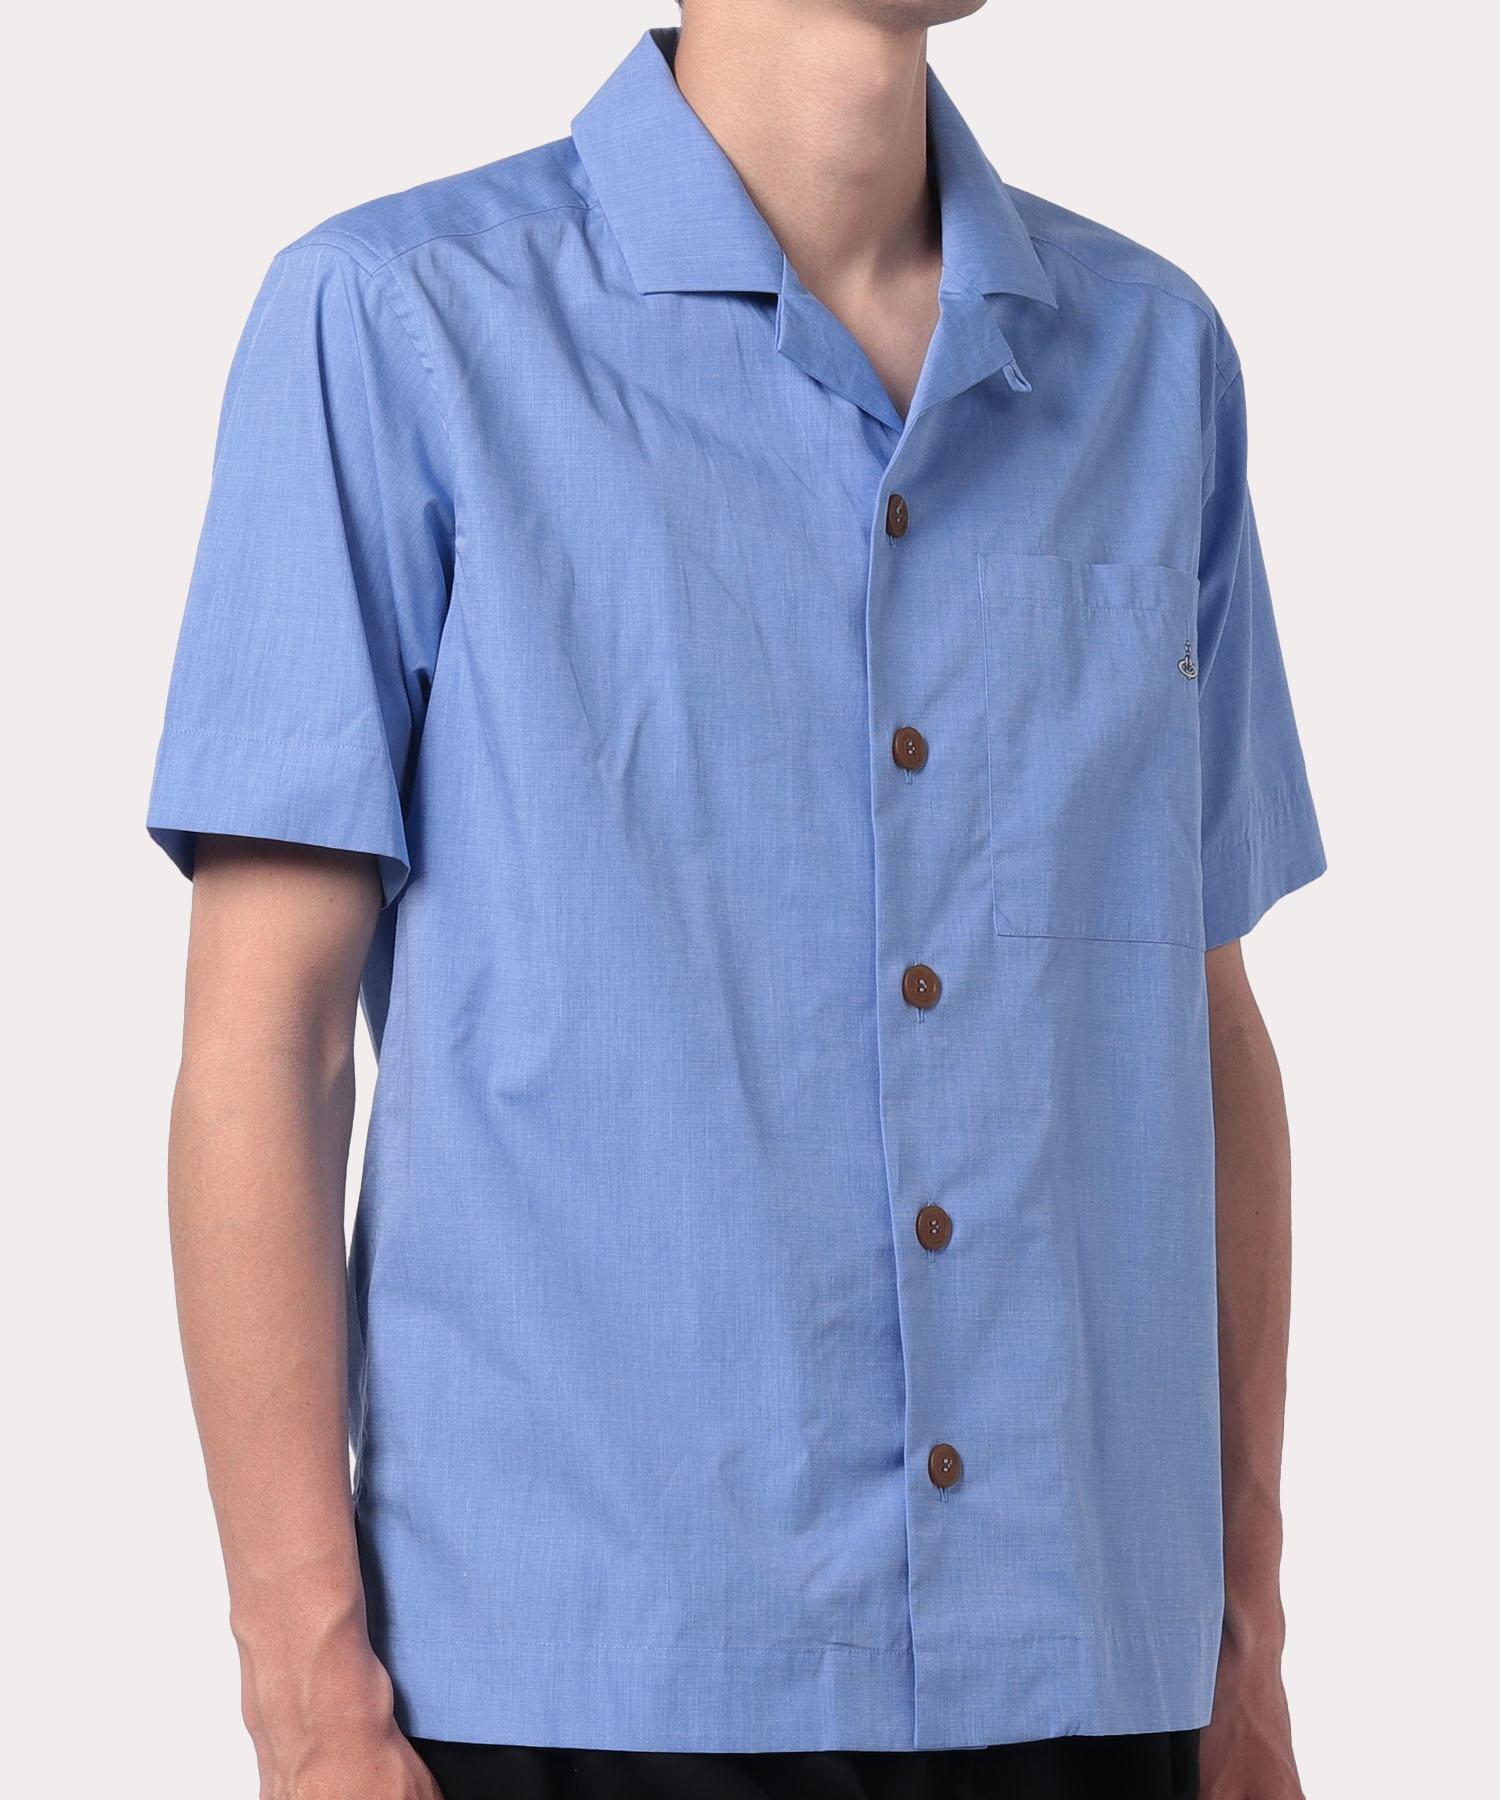 オンラインショップ限定 ワンポイントORB リラックス半袖シャツ